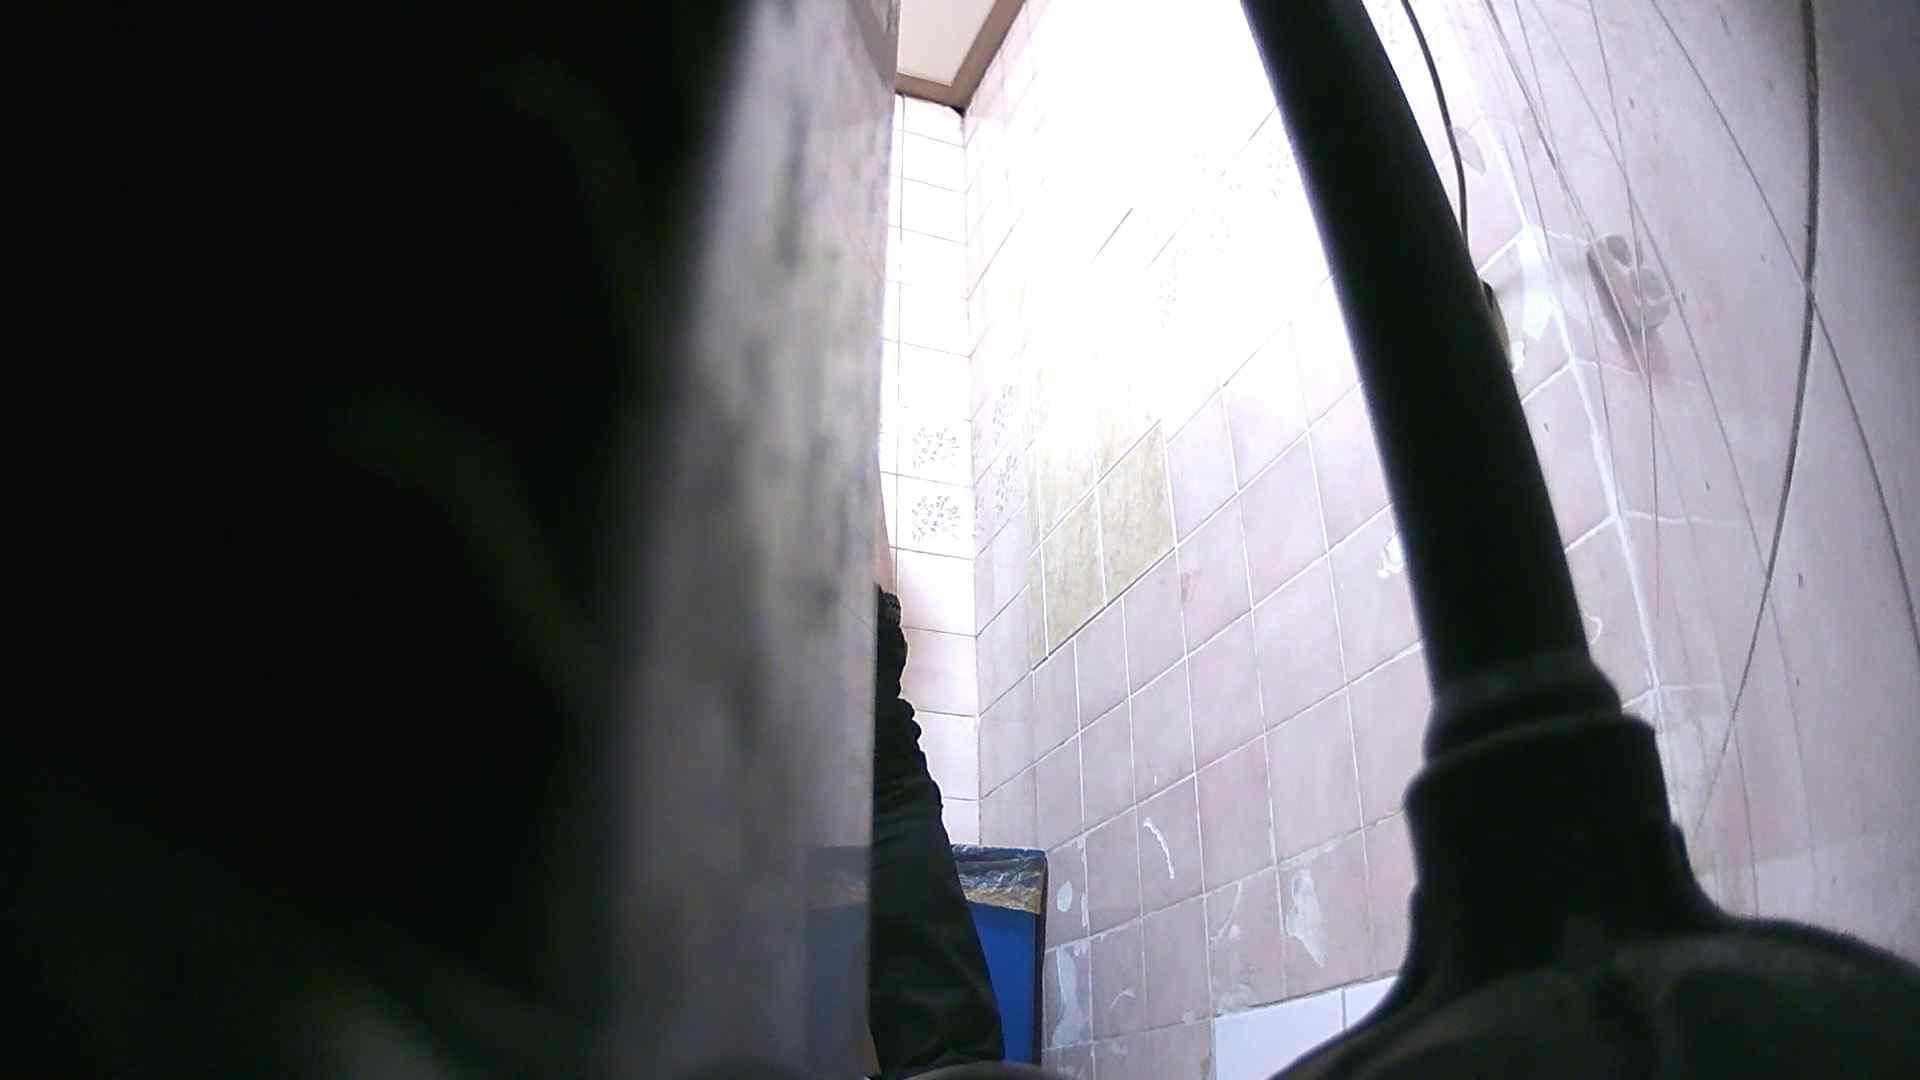 潜入!!韓国秘密のトイレ!Vol.16 すけべなOL | 潜入報告  105画像 17